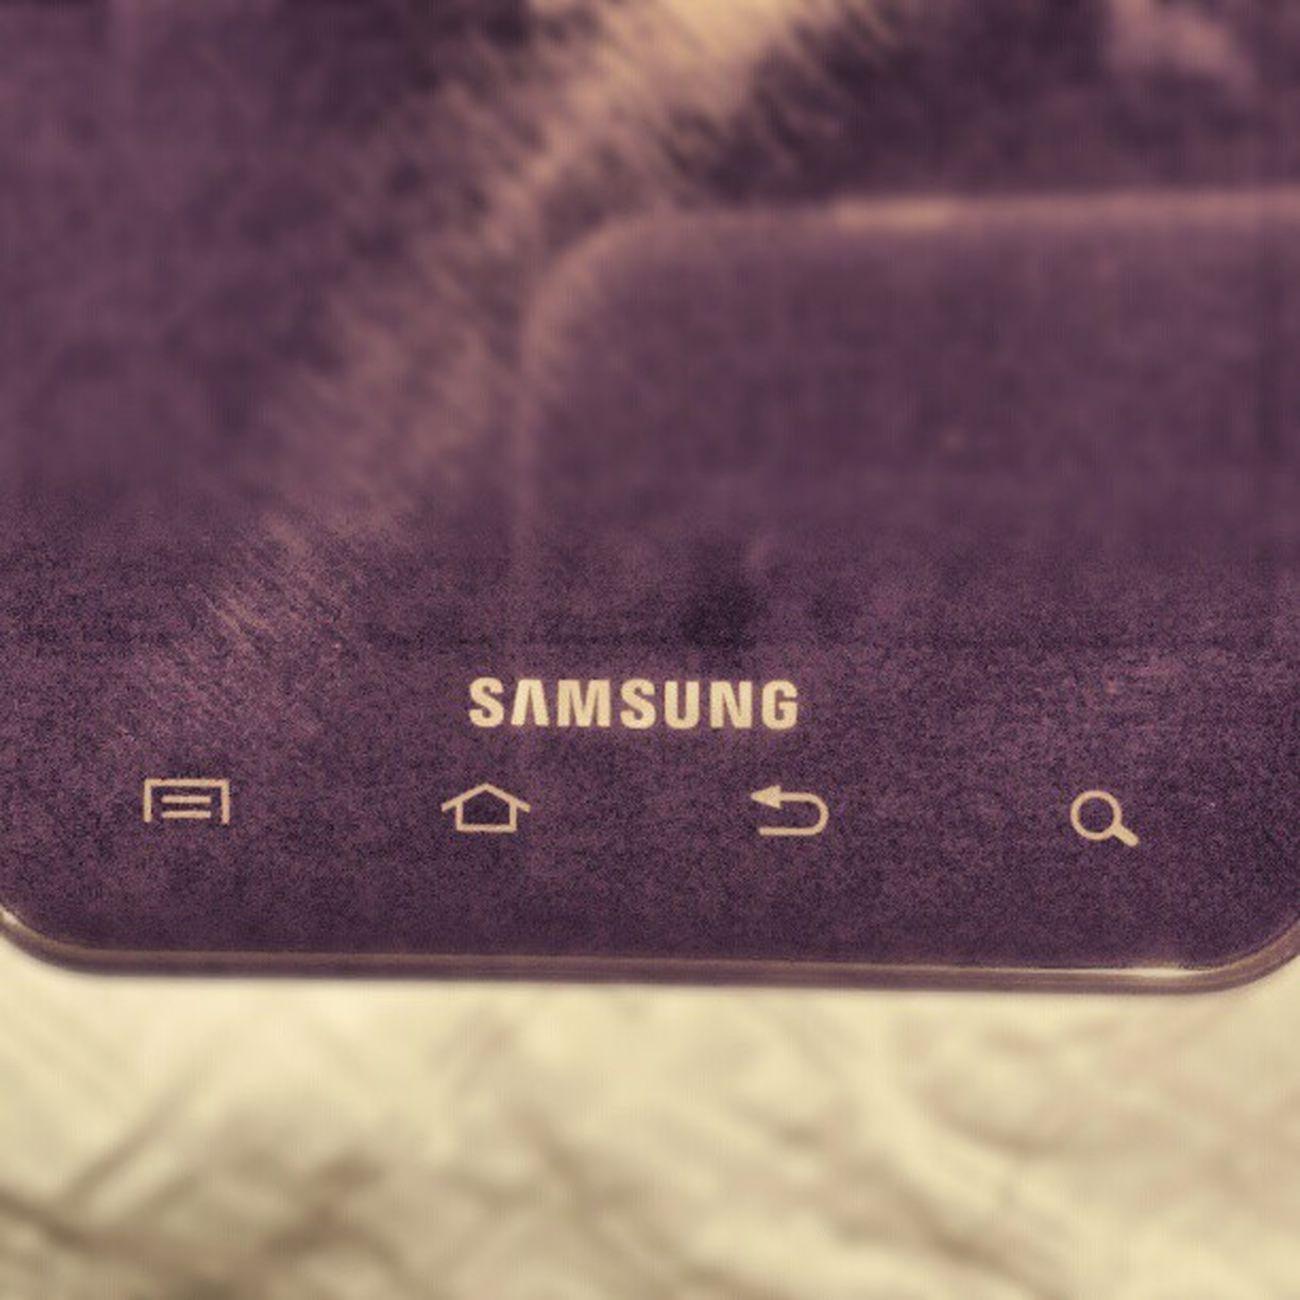 4 Teclas de mucho poder, solo en un Samsung. Samsung I777 Galaxy S2family dualcore newmember 2fast4u android @cardellicchio